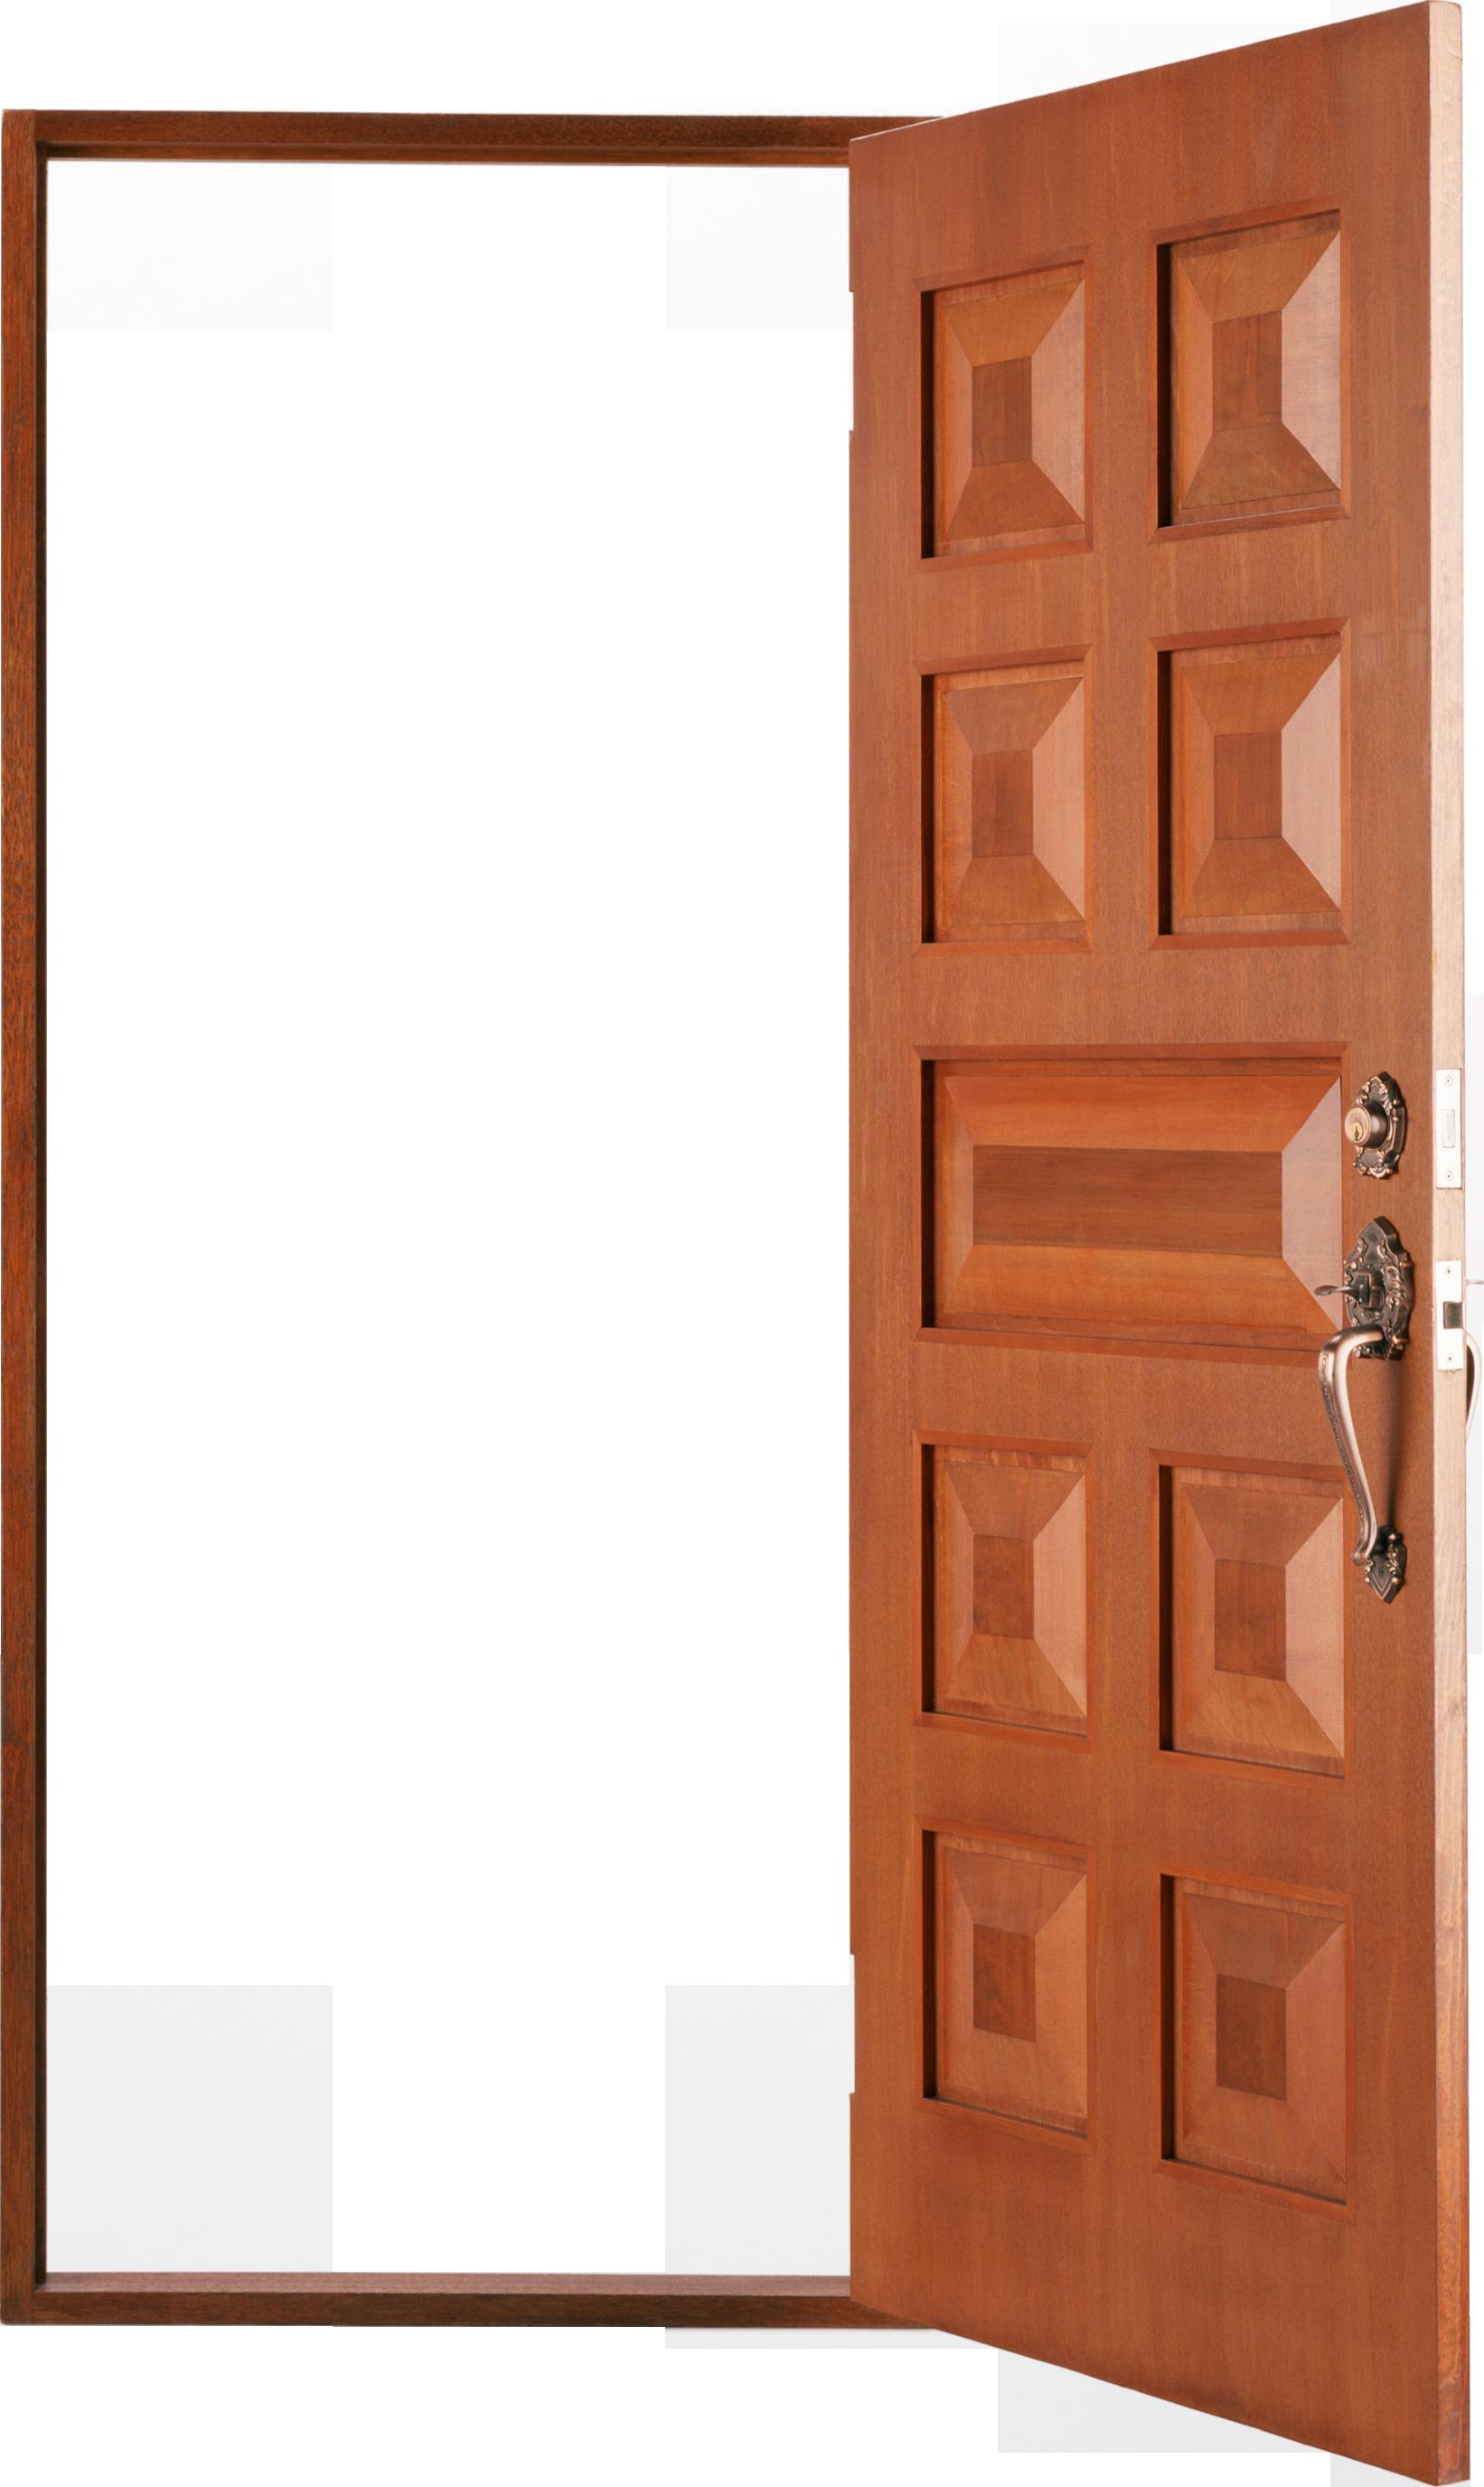 Png images wood open. Clipart door opening door